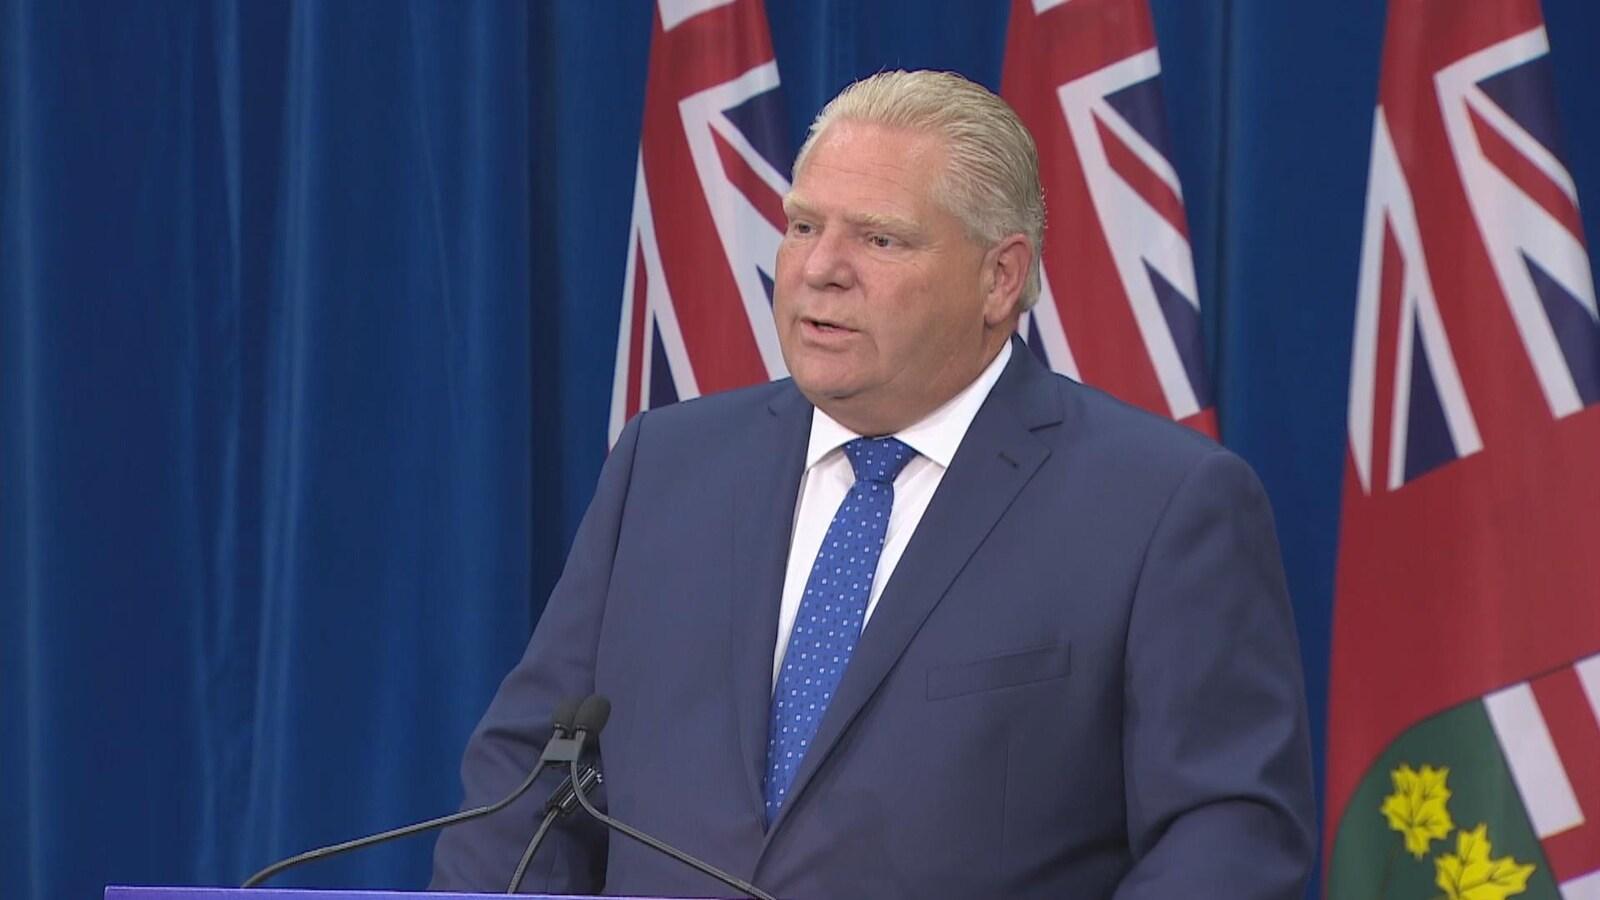 Doug Ford annonce que sa première mesure sera de sortir l'Ontario du marché du carbone.